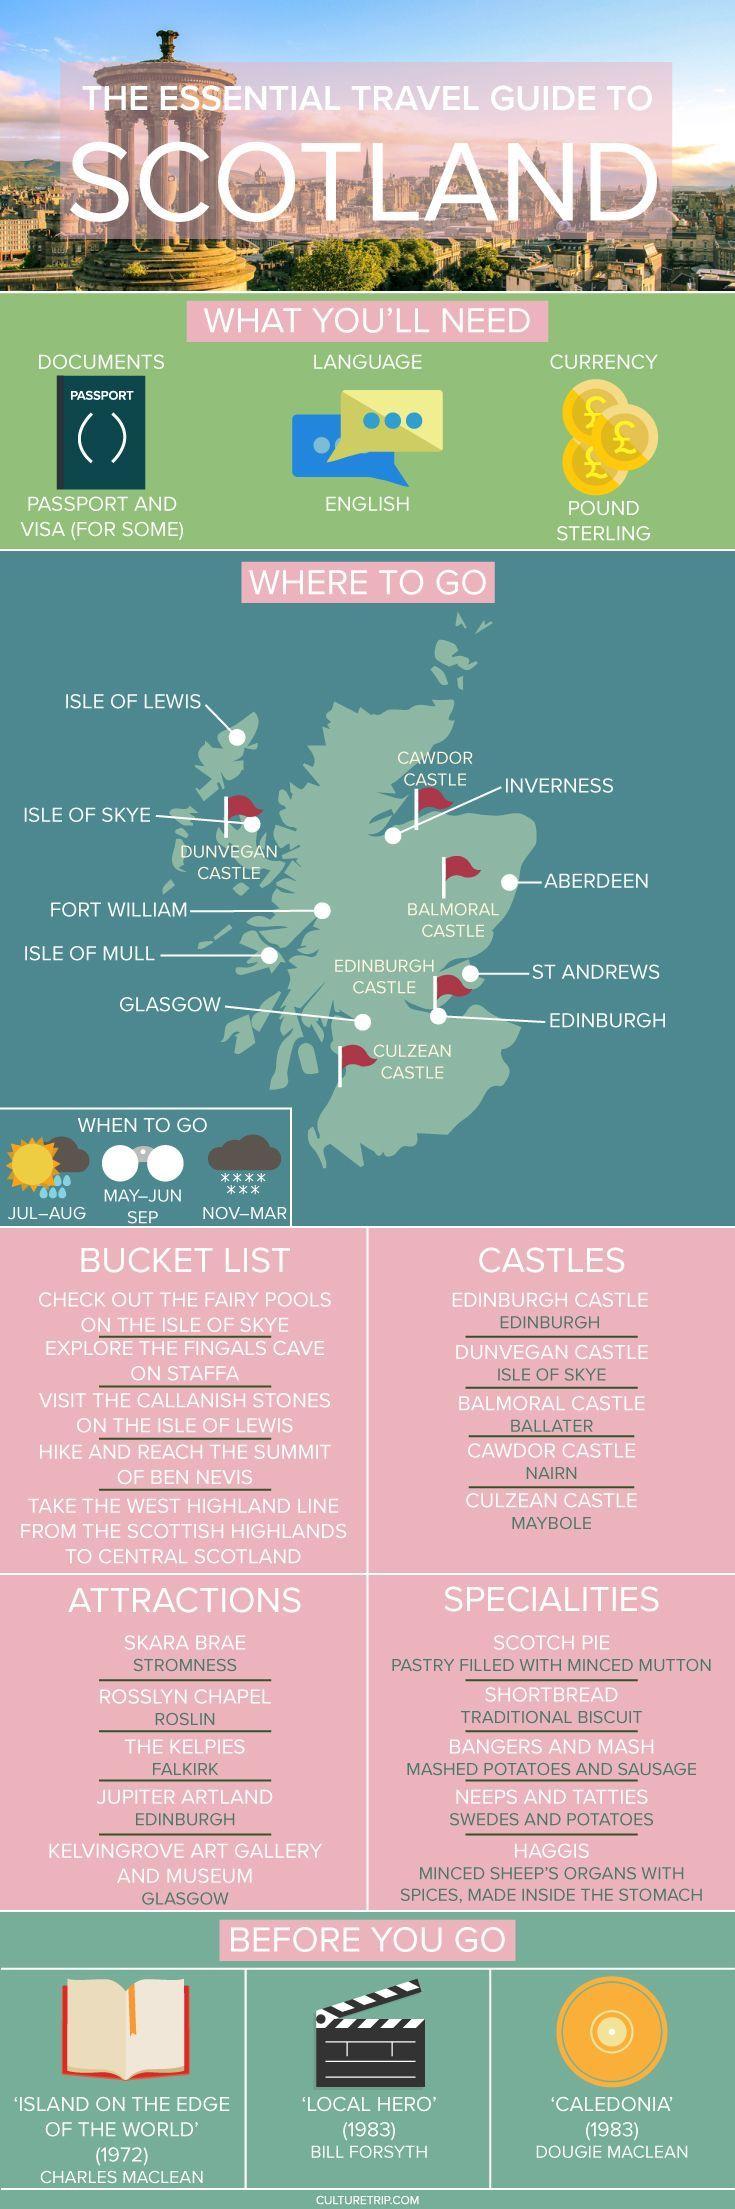 Der essenzielle Reiseführer für Schottland (Info…